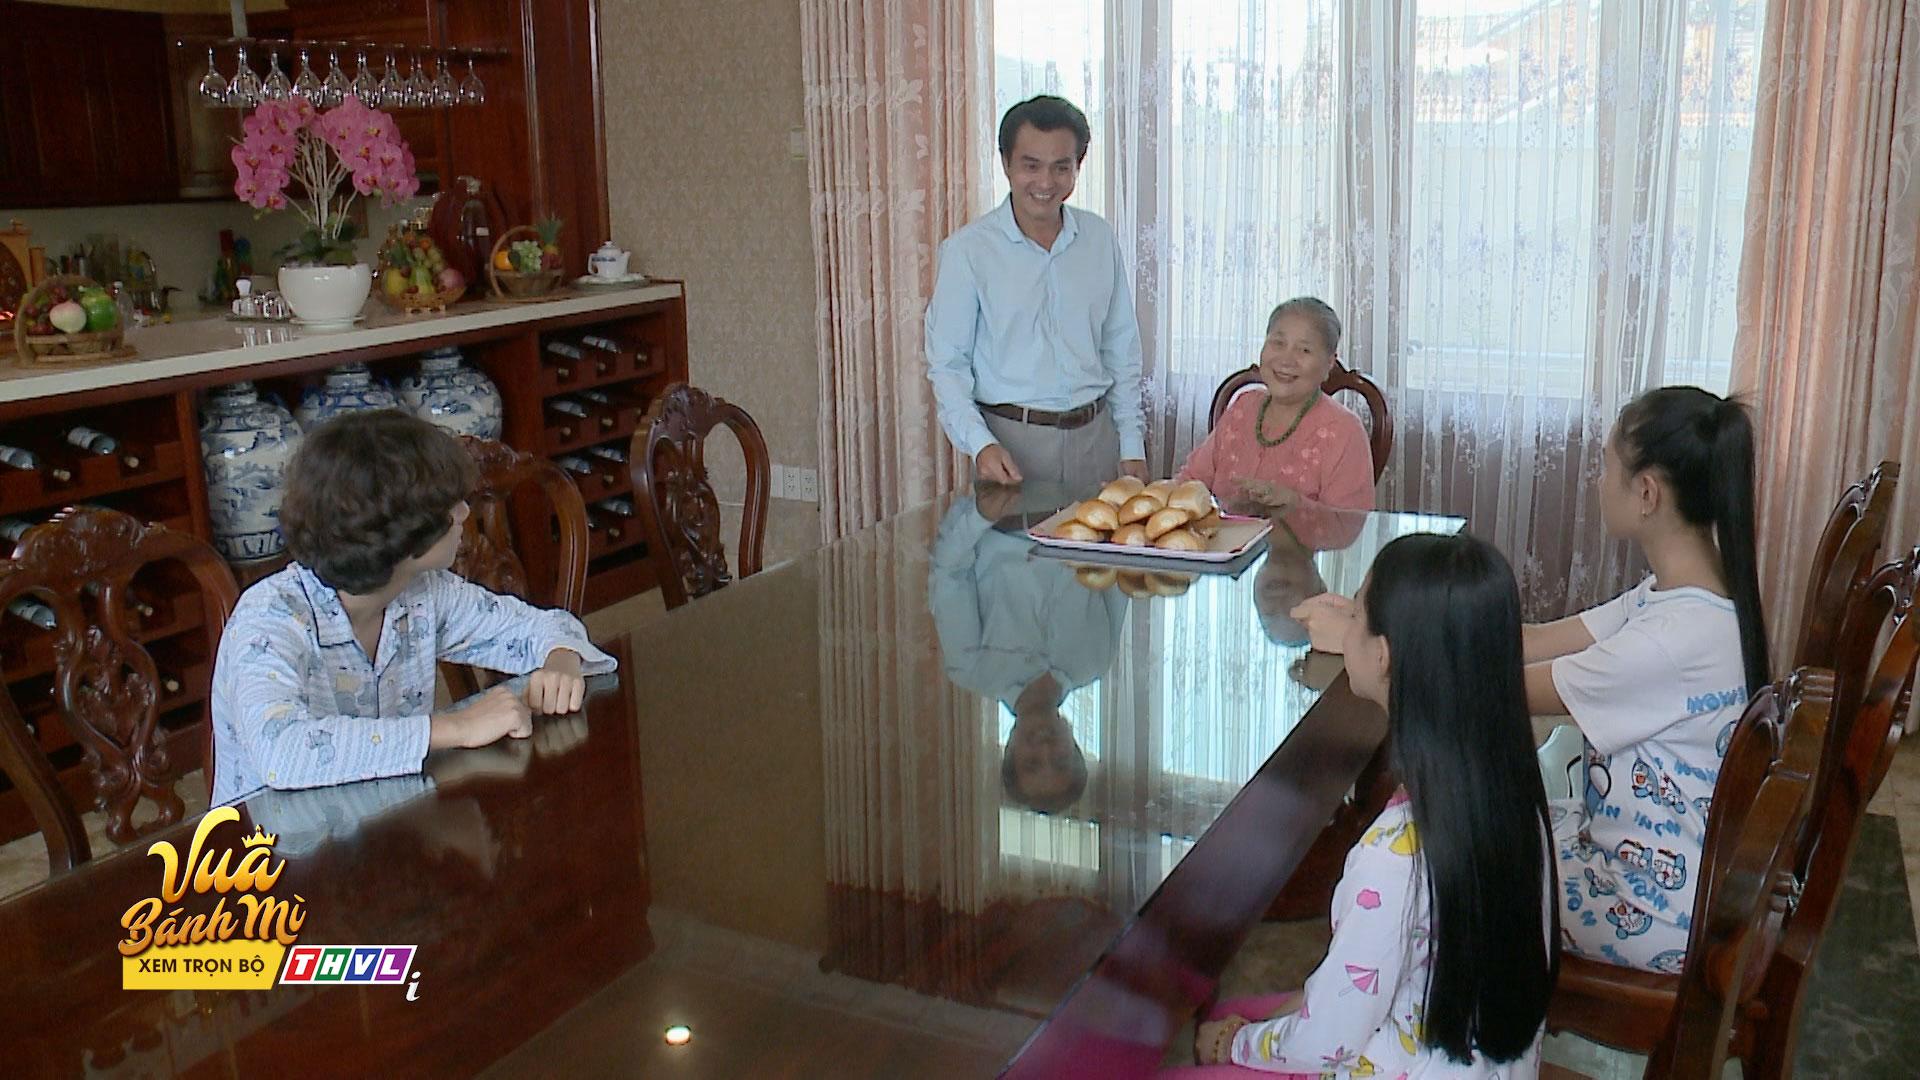 'Vua bánh mì' tập 8: Đúng là 'cha nào con nấy', con trai Cao Minh Đạt cũng sở hữu tài nghệ làm bánh từ cha 3